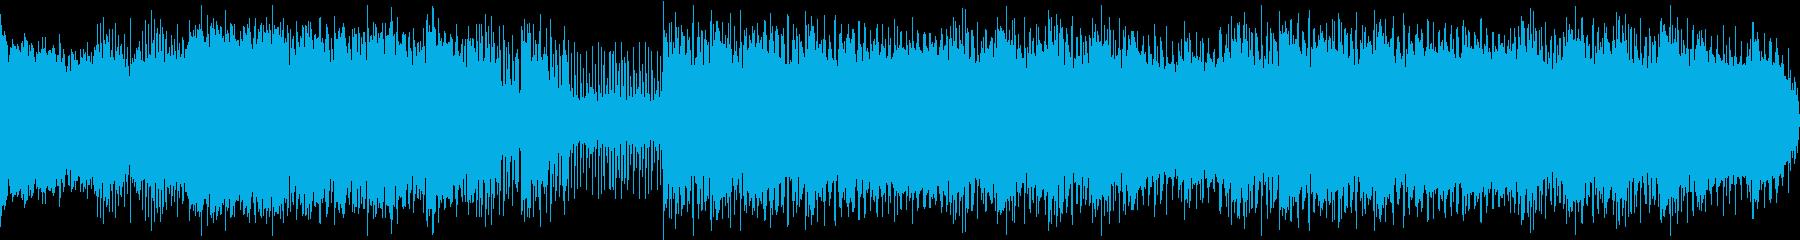 ショータイムを見ている時間のイメージの再生済みの波形